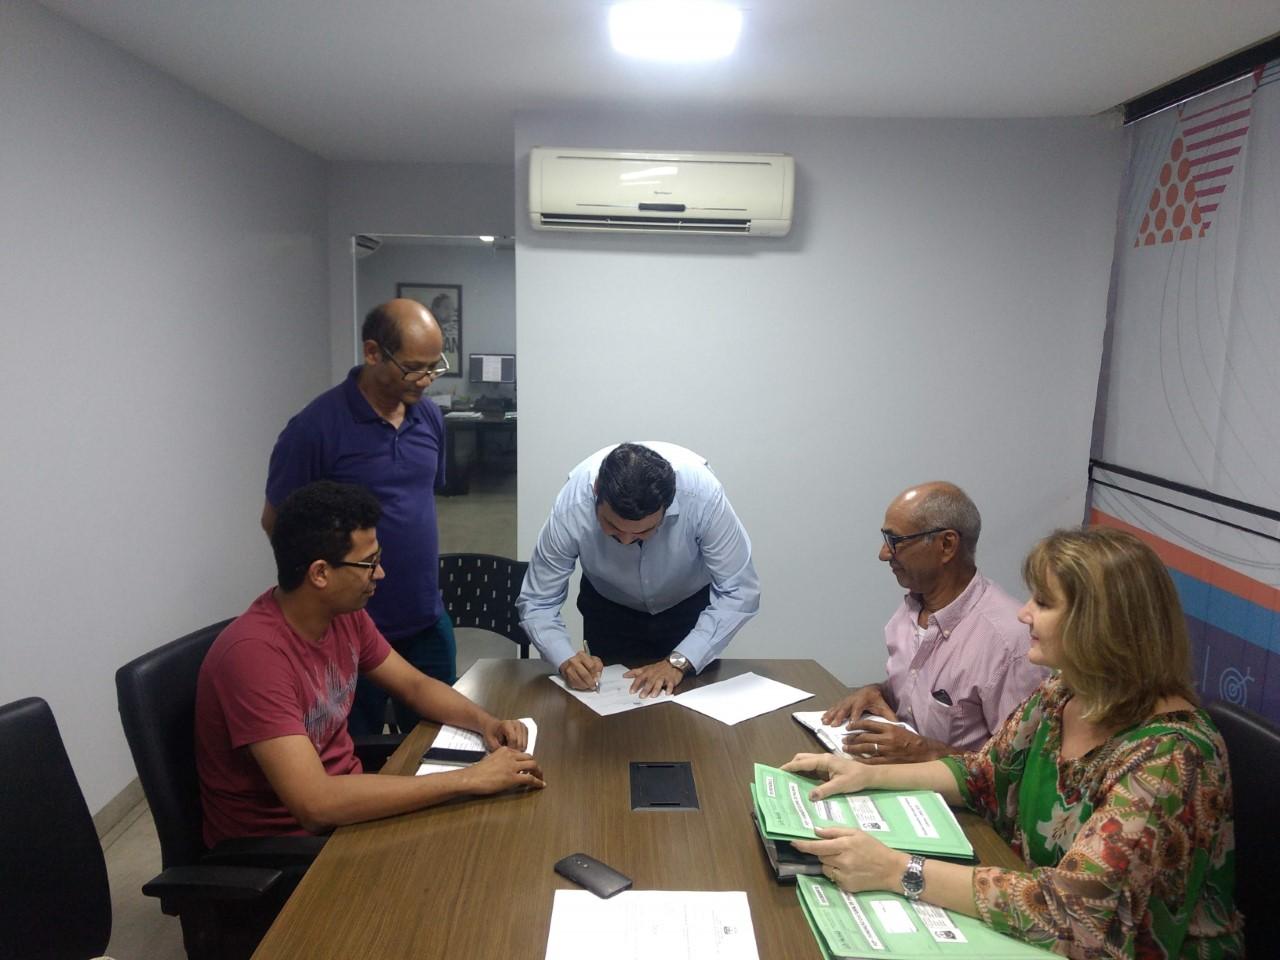 Abertas inscrições para financiamento de projetos culturais com recursos do Fundo Municipal de Cultura em Palmas